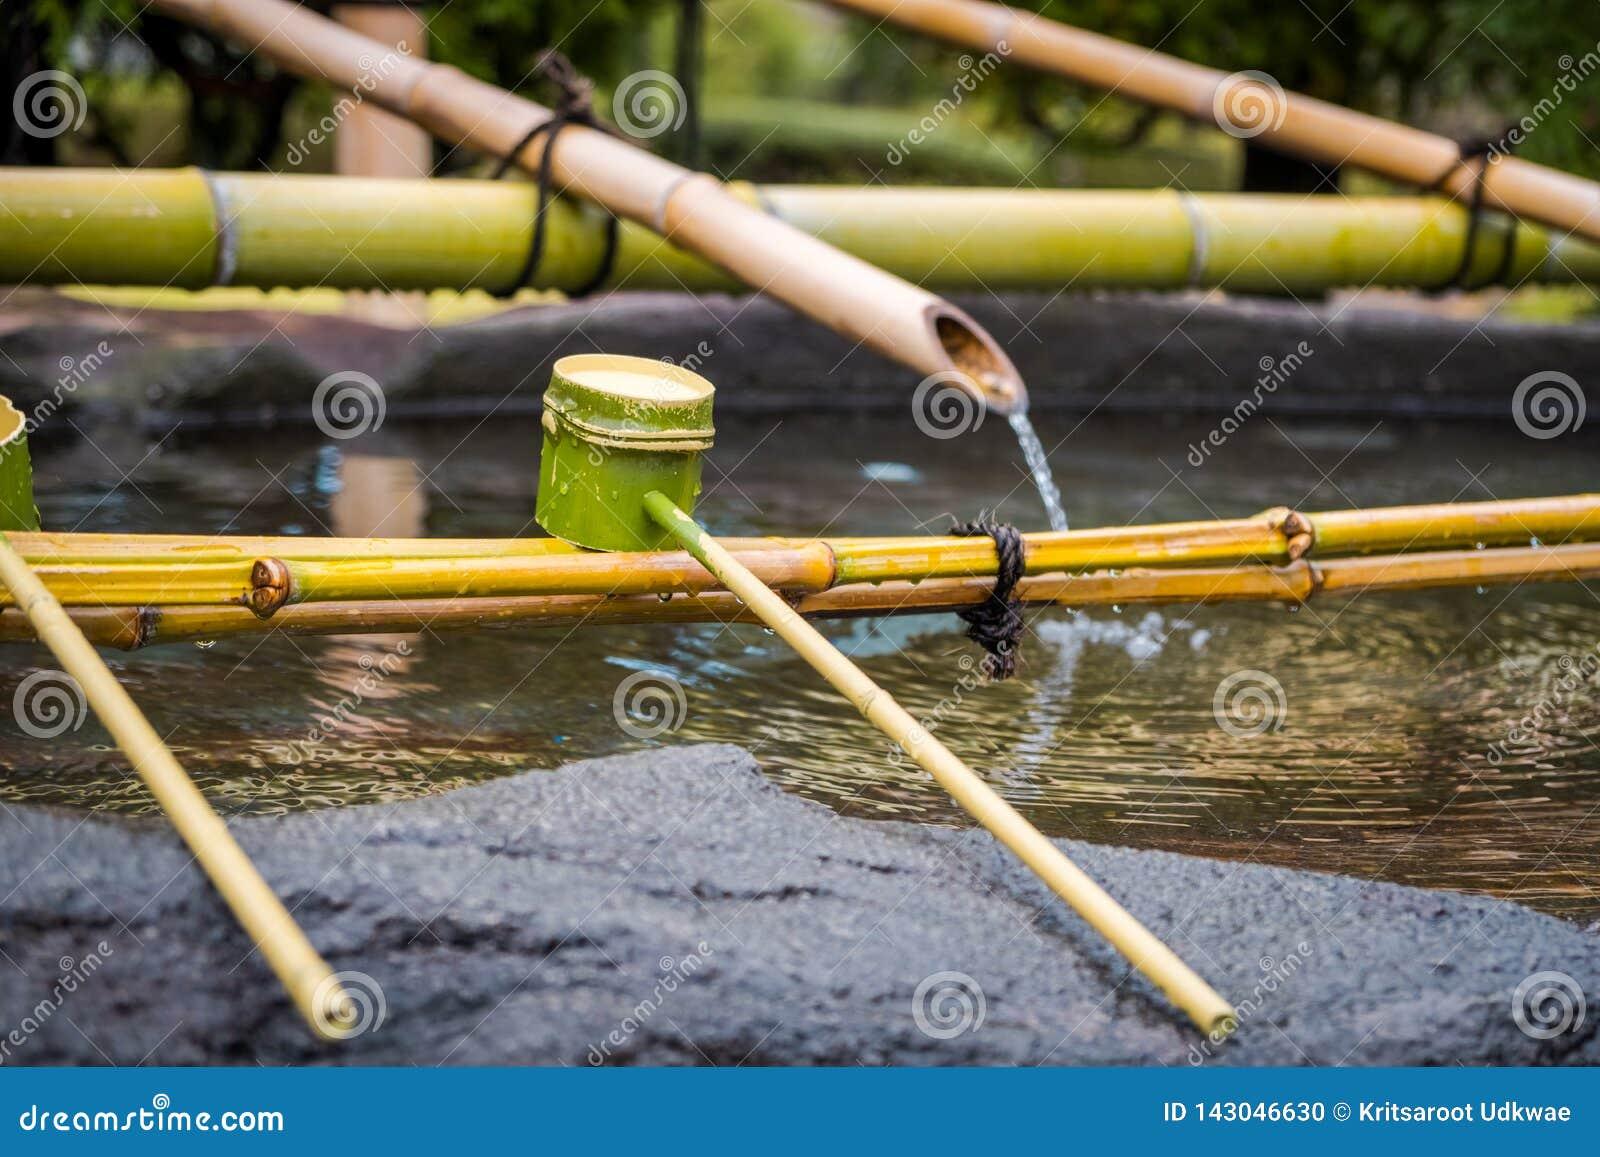 A cerimônia de limpeza xintoísmo de Omairi usando a água na colher de bambu entra antes ao templo em Japão